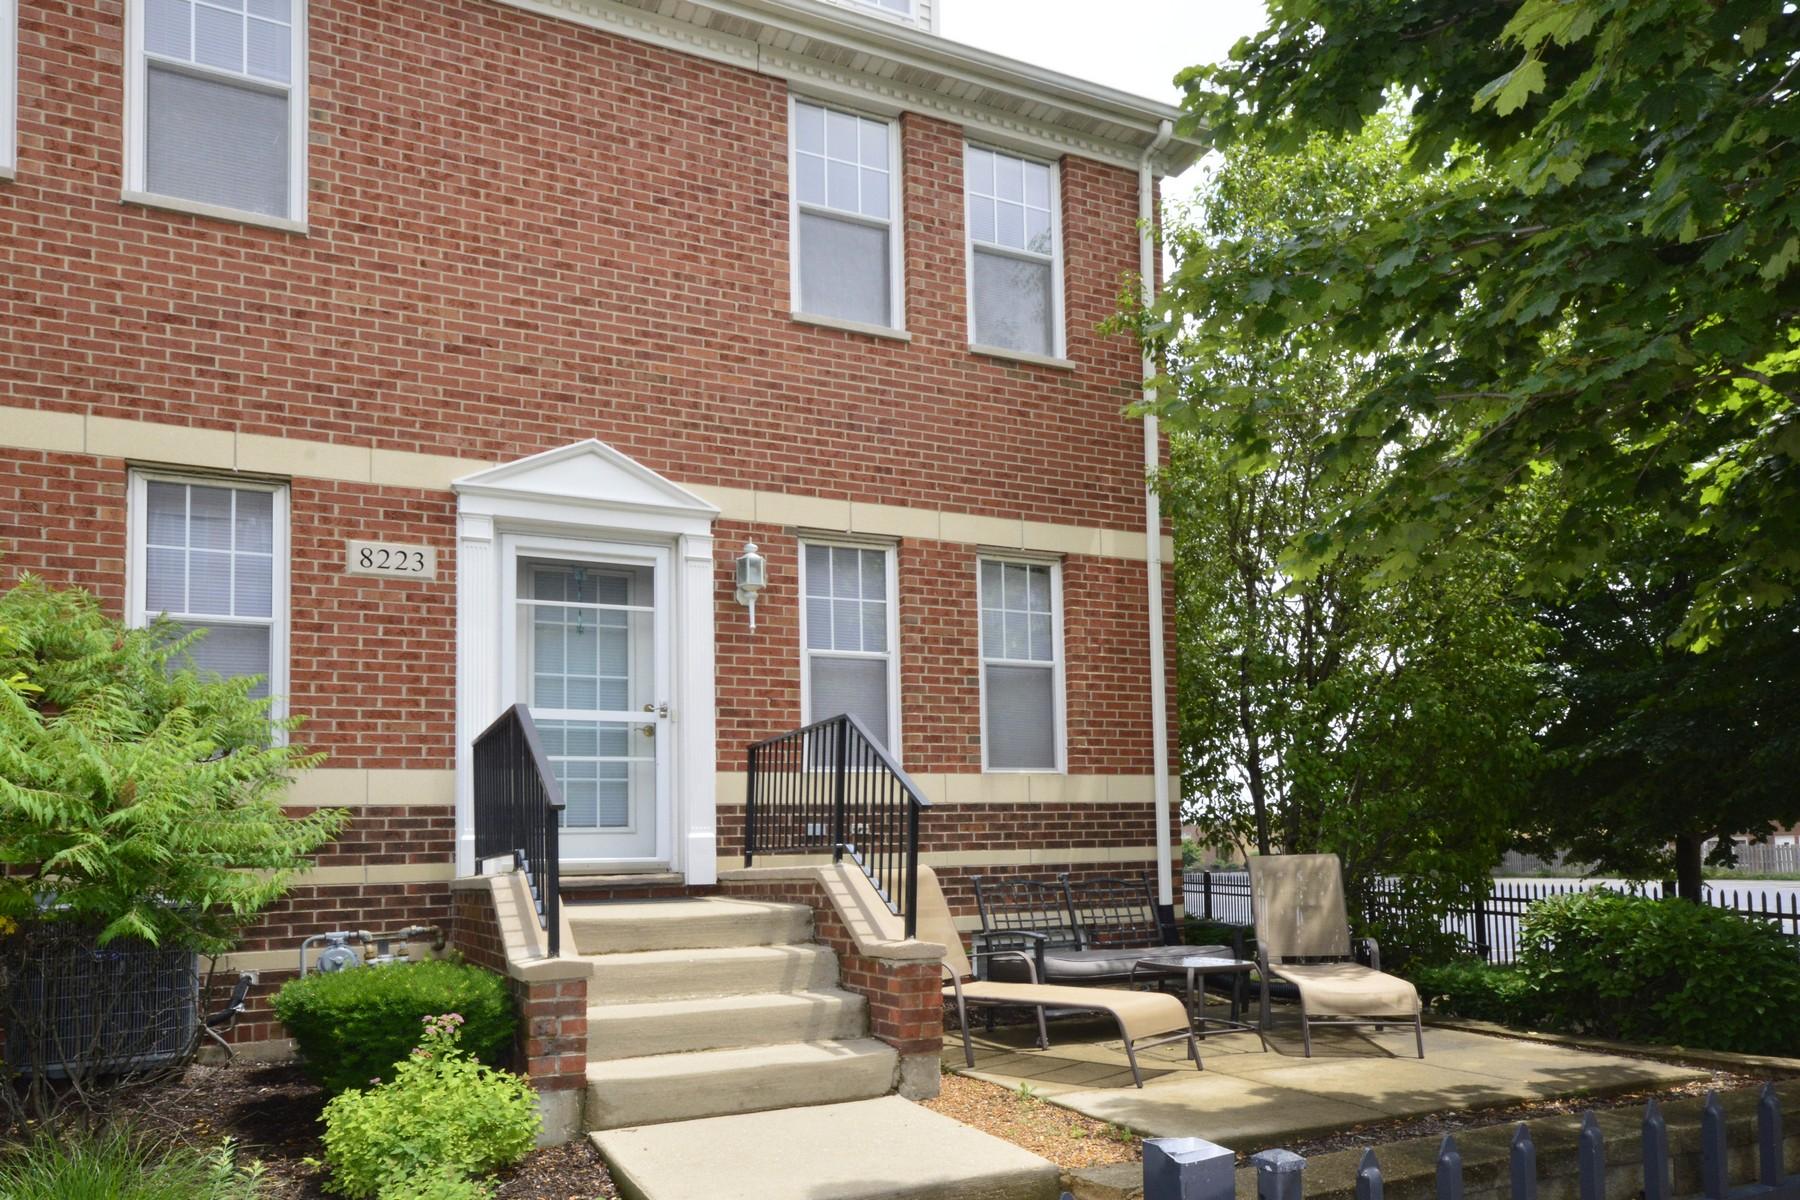 Casa Unifamiliar por un Venta en Beautiful Townhouse 8223 Lincoln Avenue Skokie, Illinois, 60077 Estados Unidos